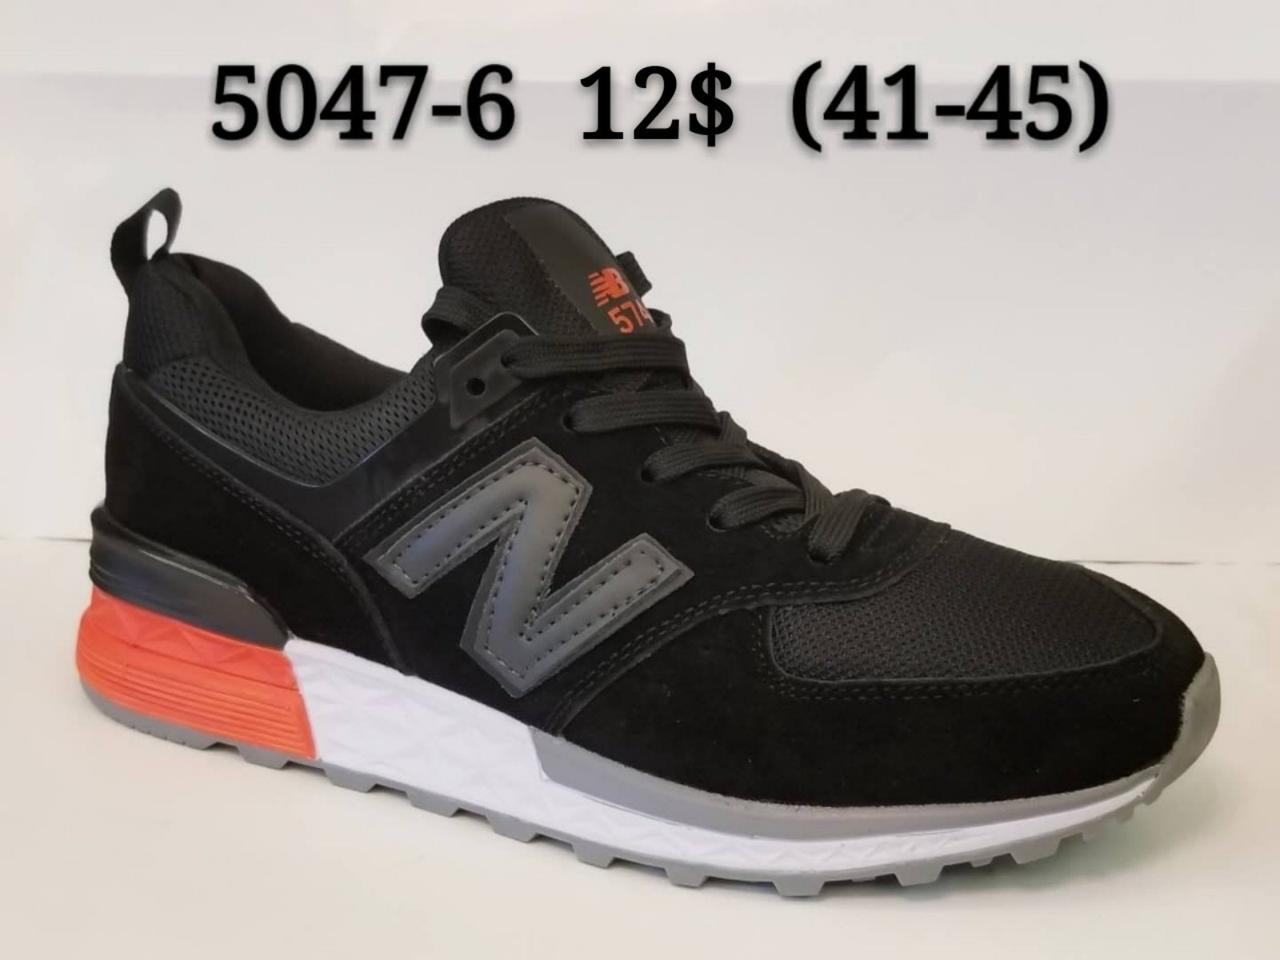 Мужские кроссовки от New Balance 574 оптом (41-45)